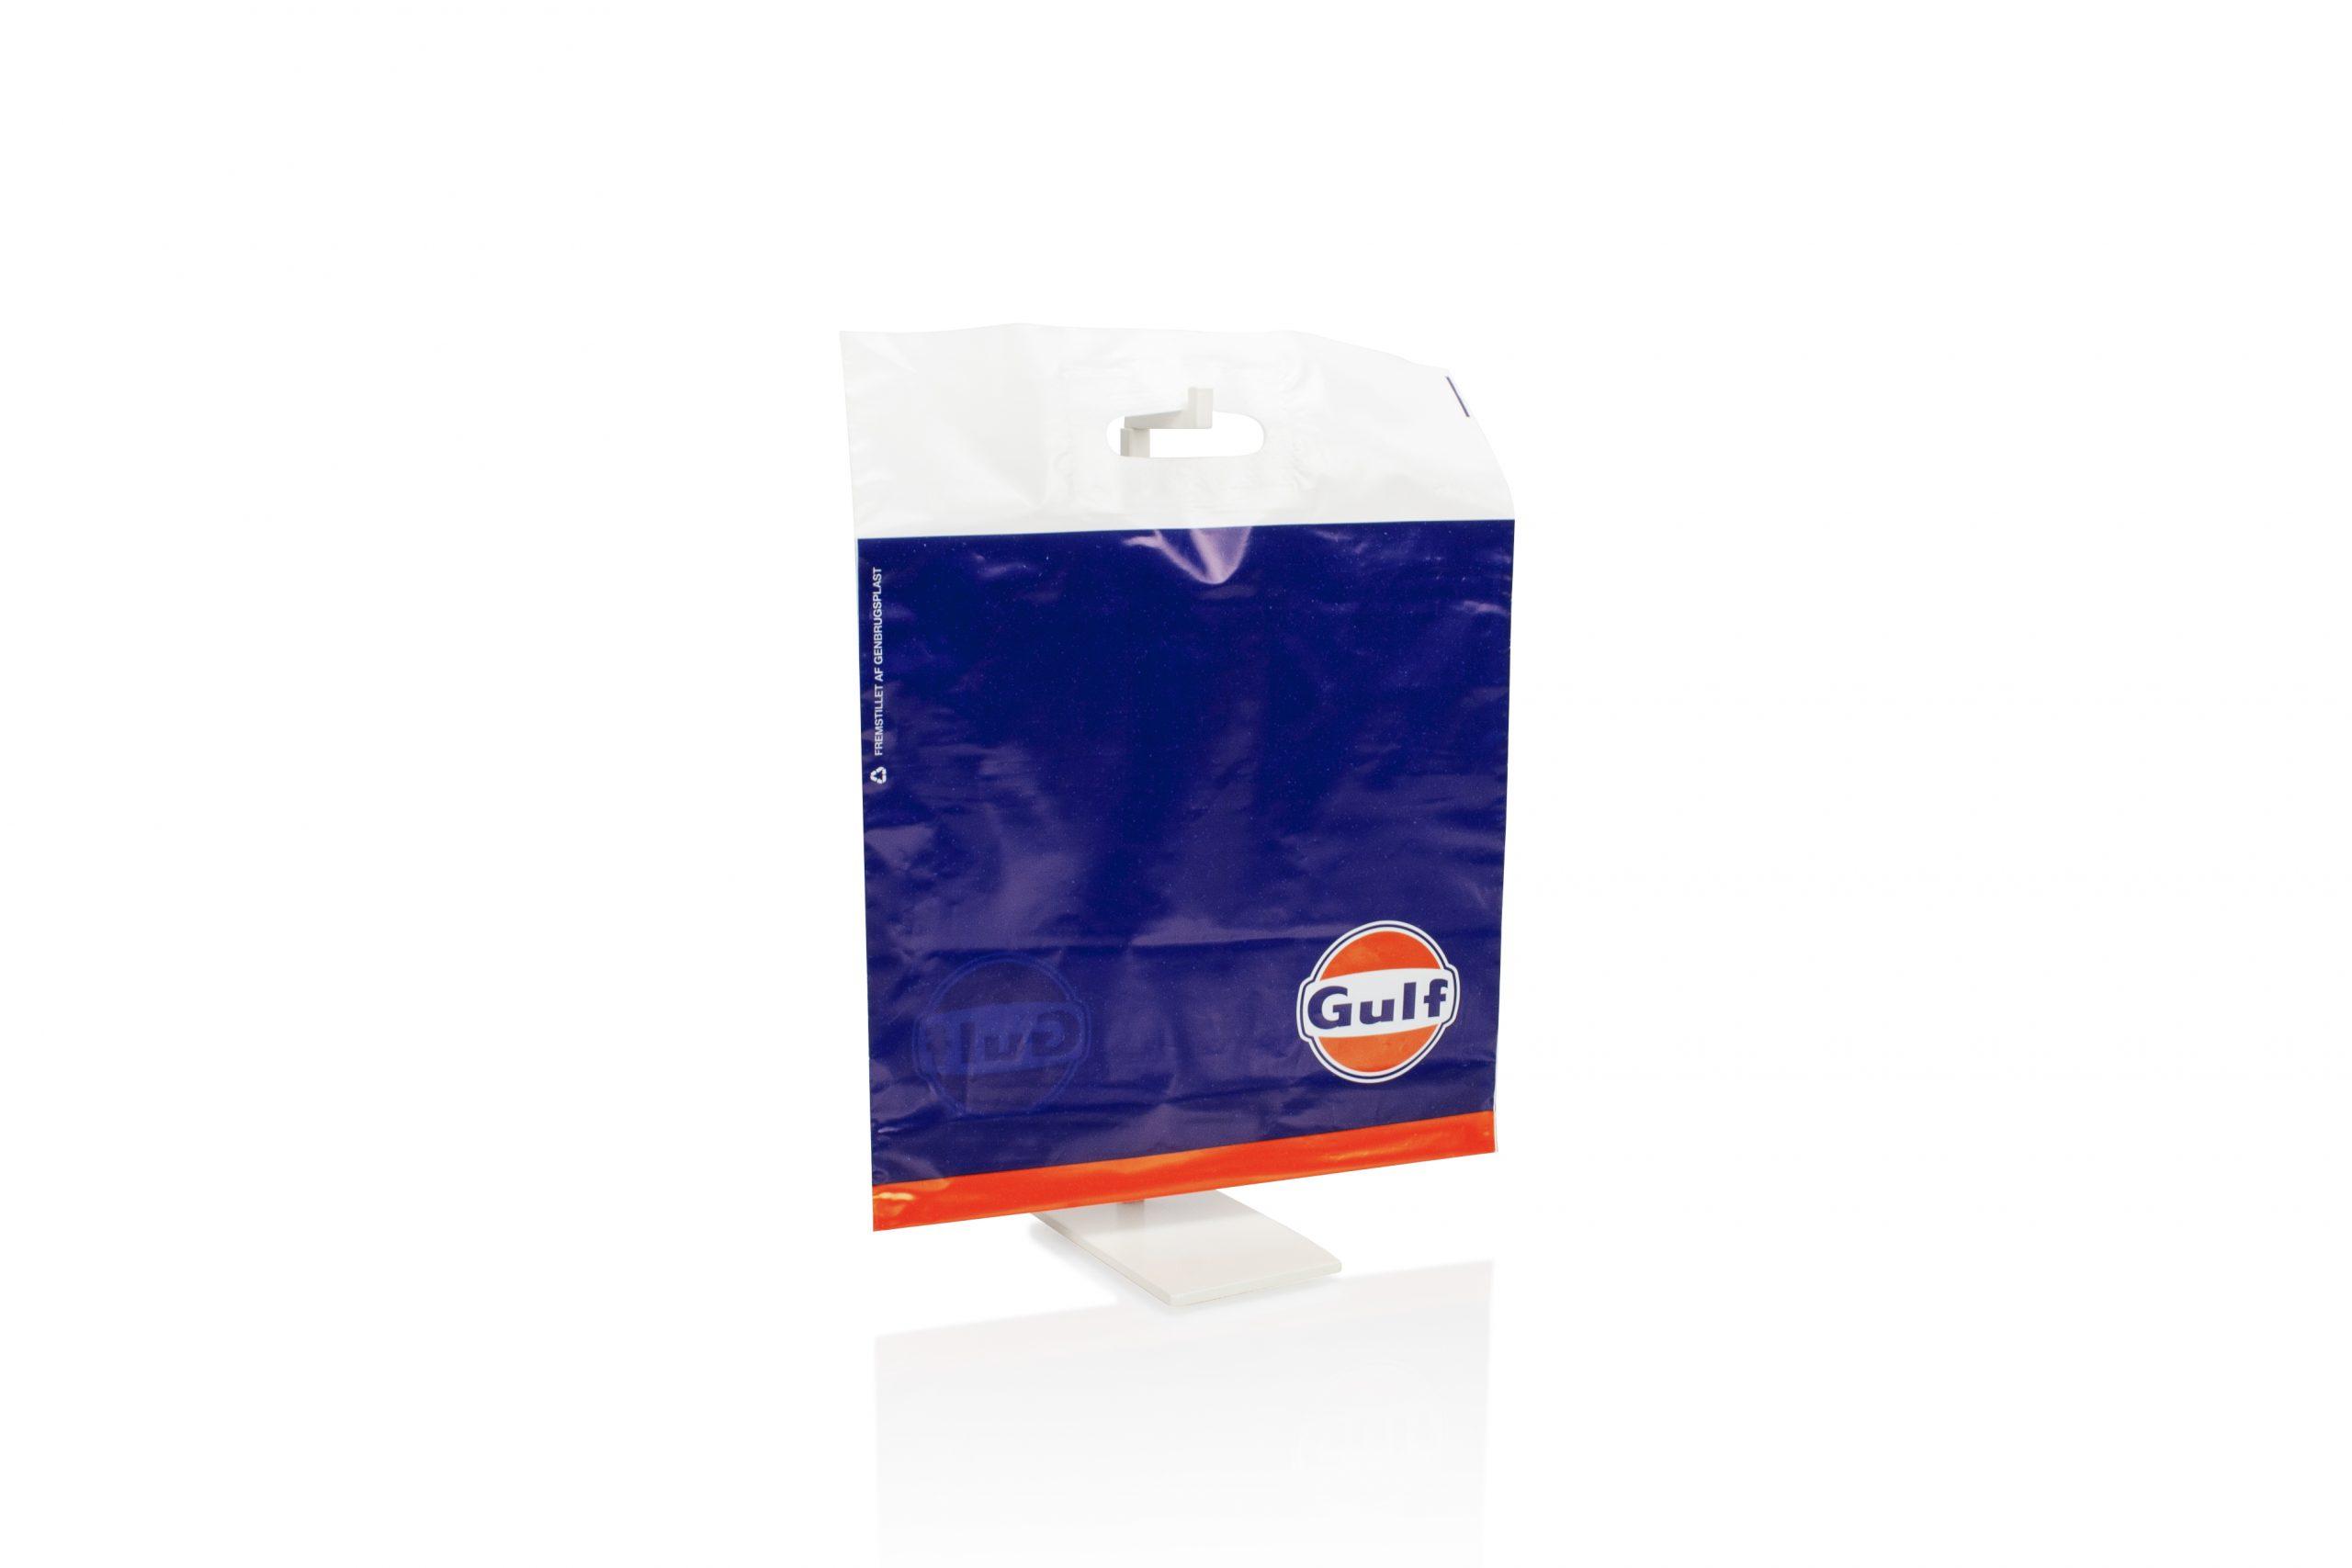 Plastic zak met uitgekapt handvat - gepersonaliseerd met bedrijfsnaam of logo